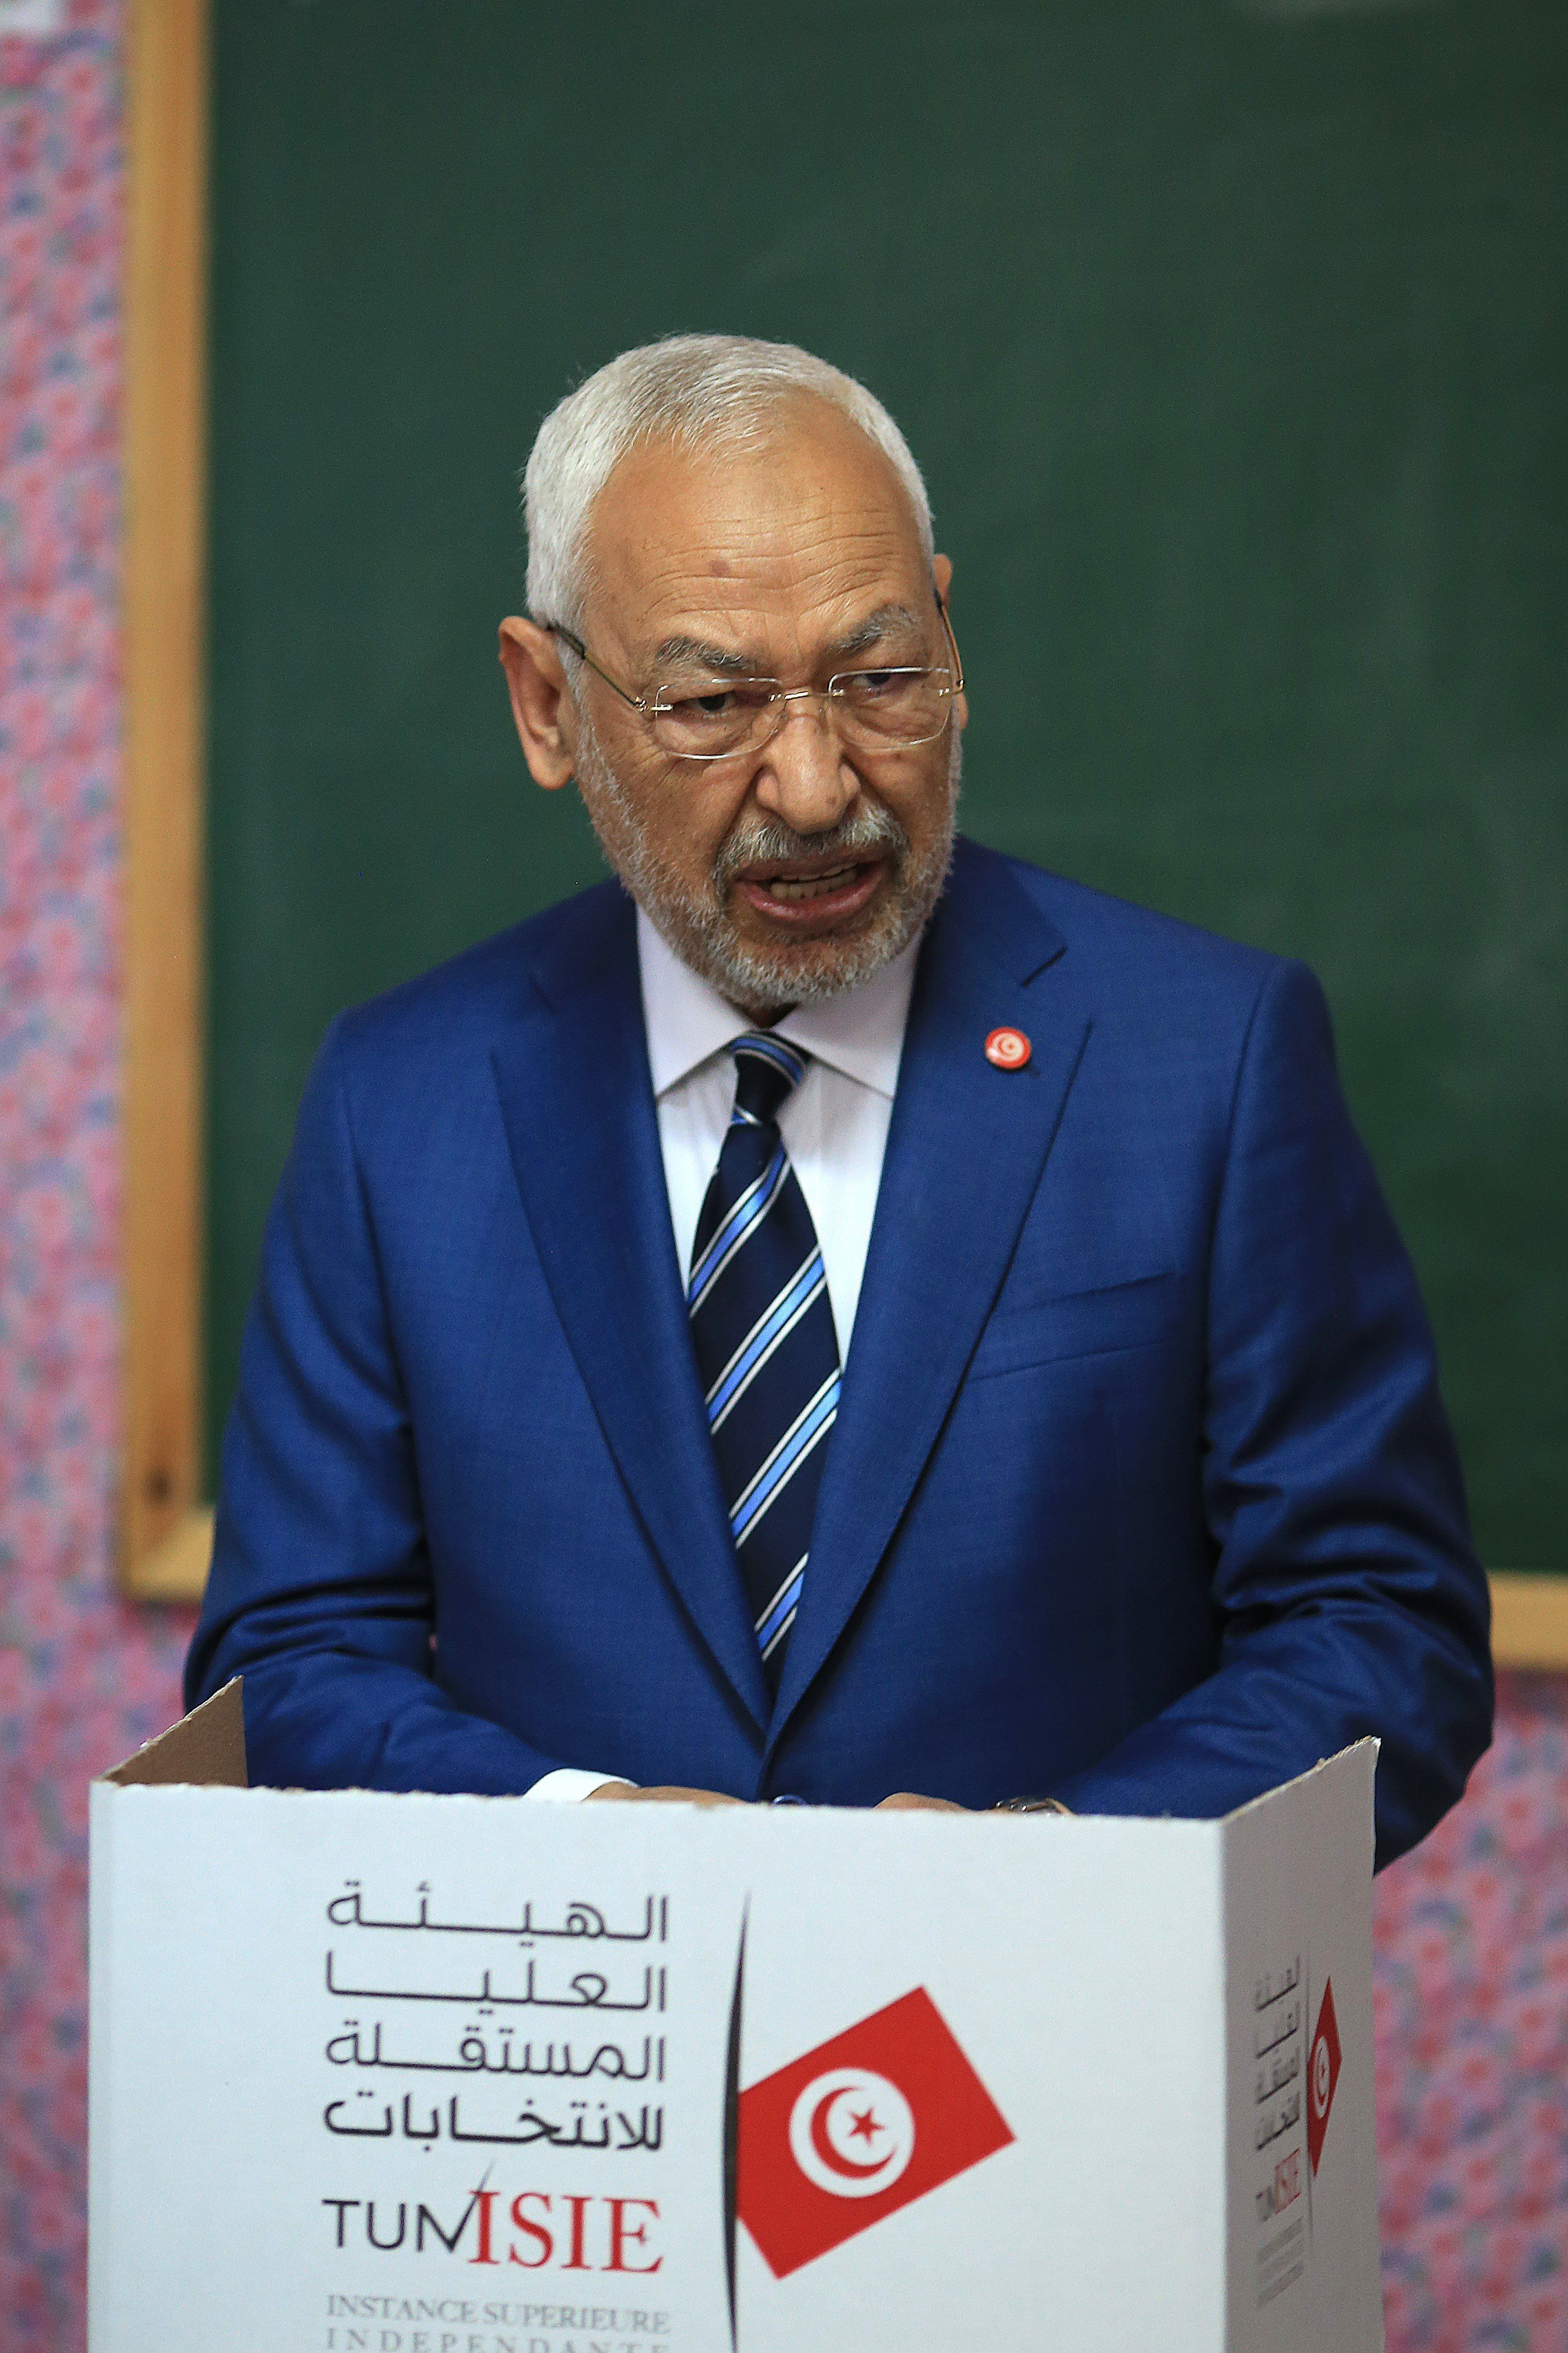 Après les propos polémiques de Rached Ghannouchi sur d'anciens ministres